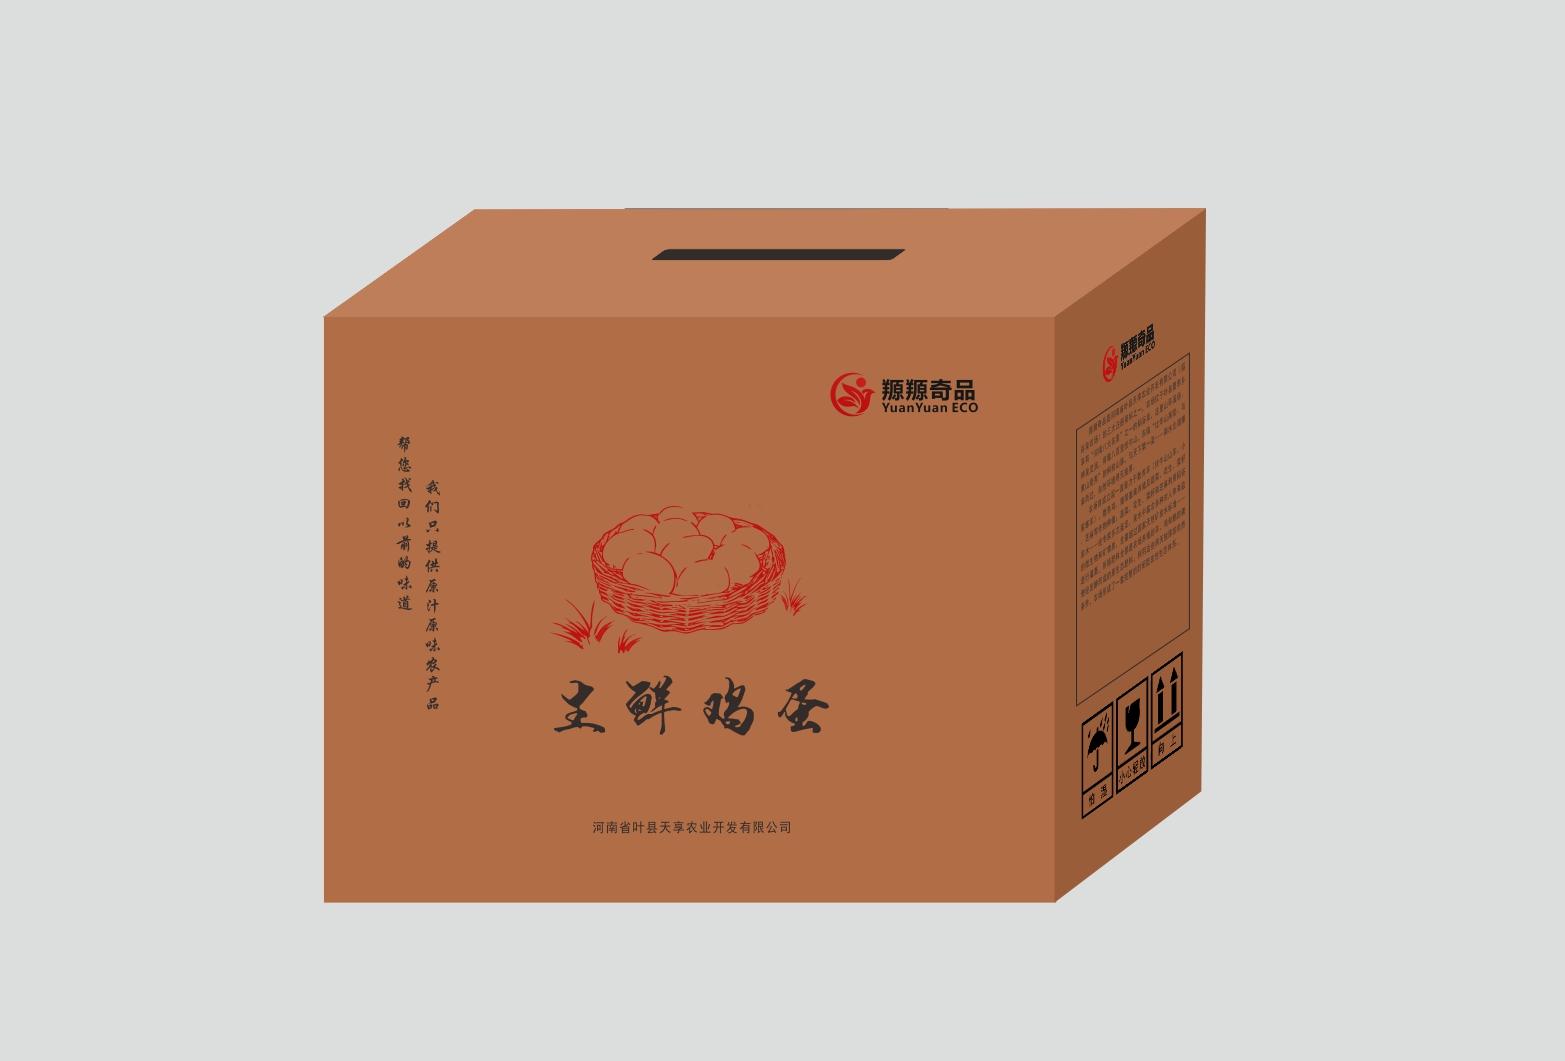 生鲜鸡蛋快递用包装盒设计